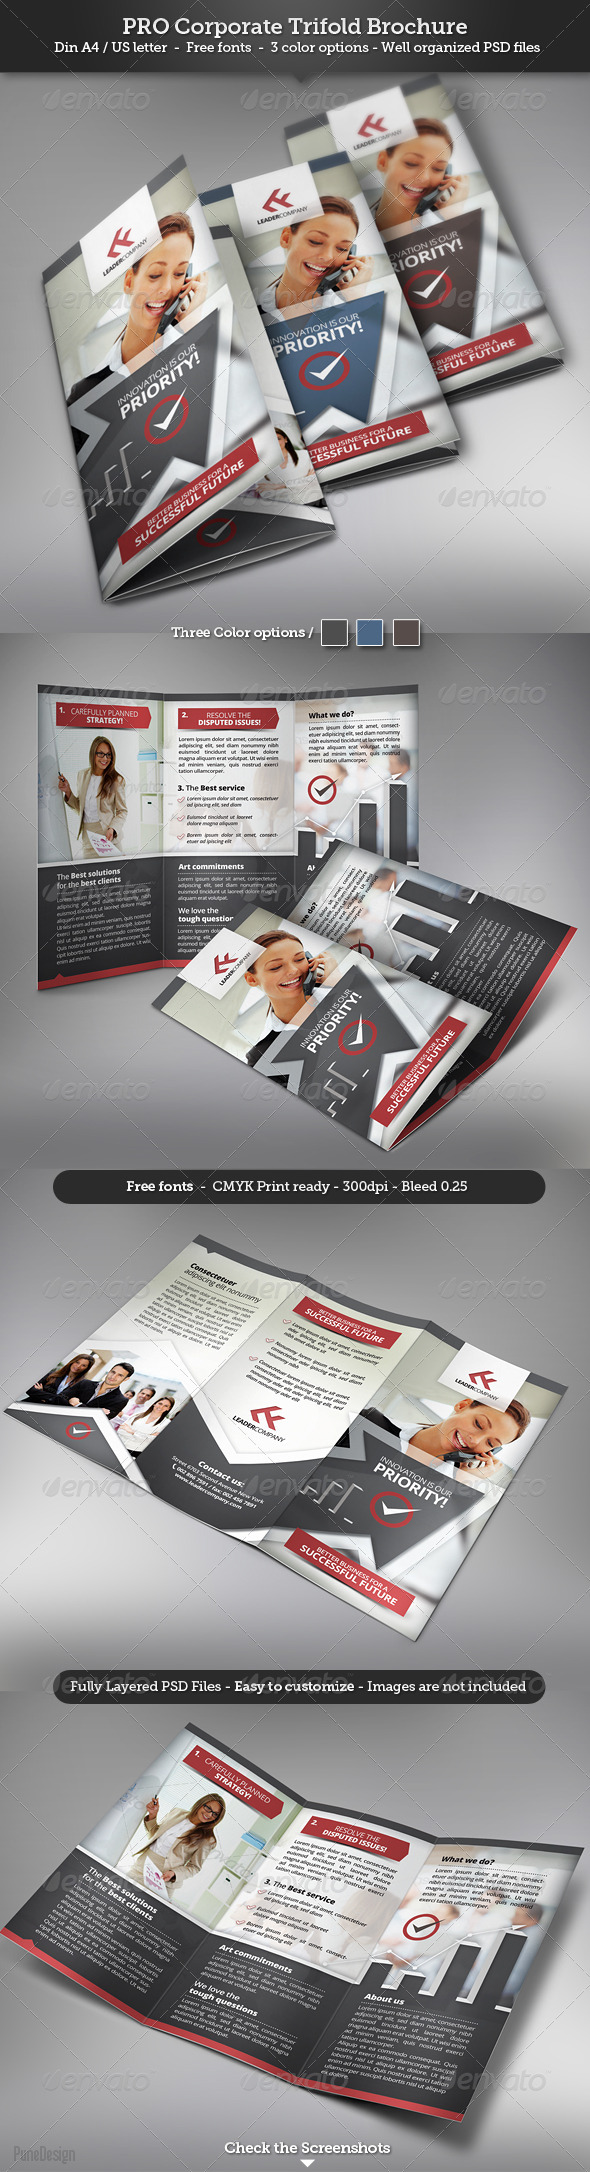 GraphicRiver Corporate Trifold Brochure 3170948